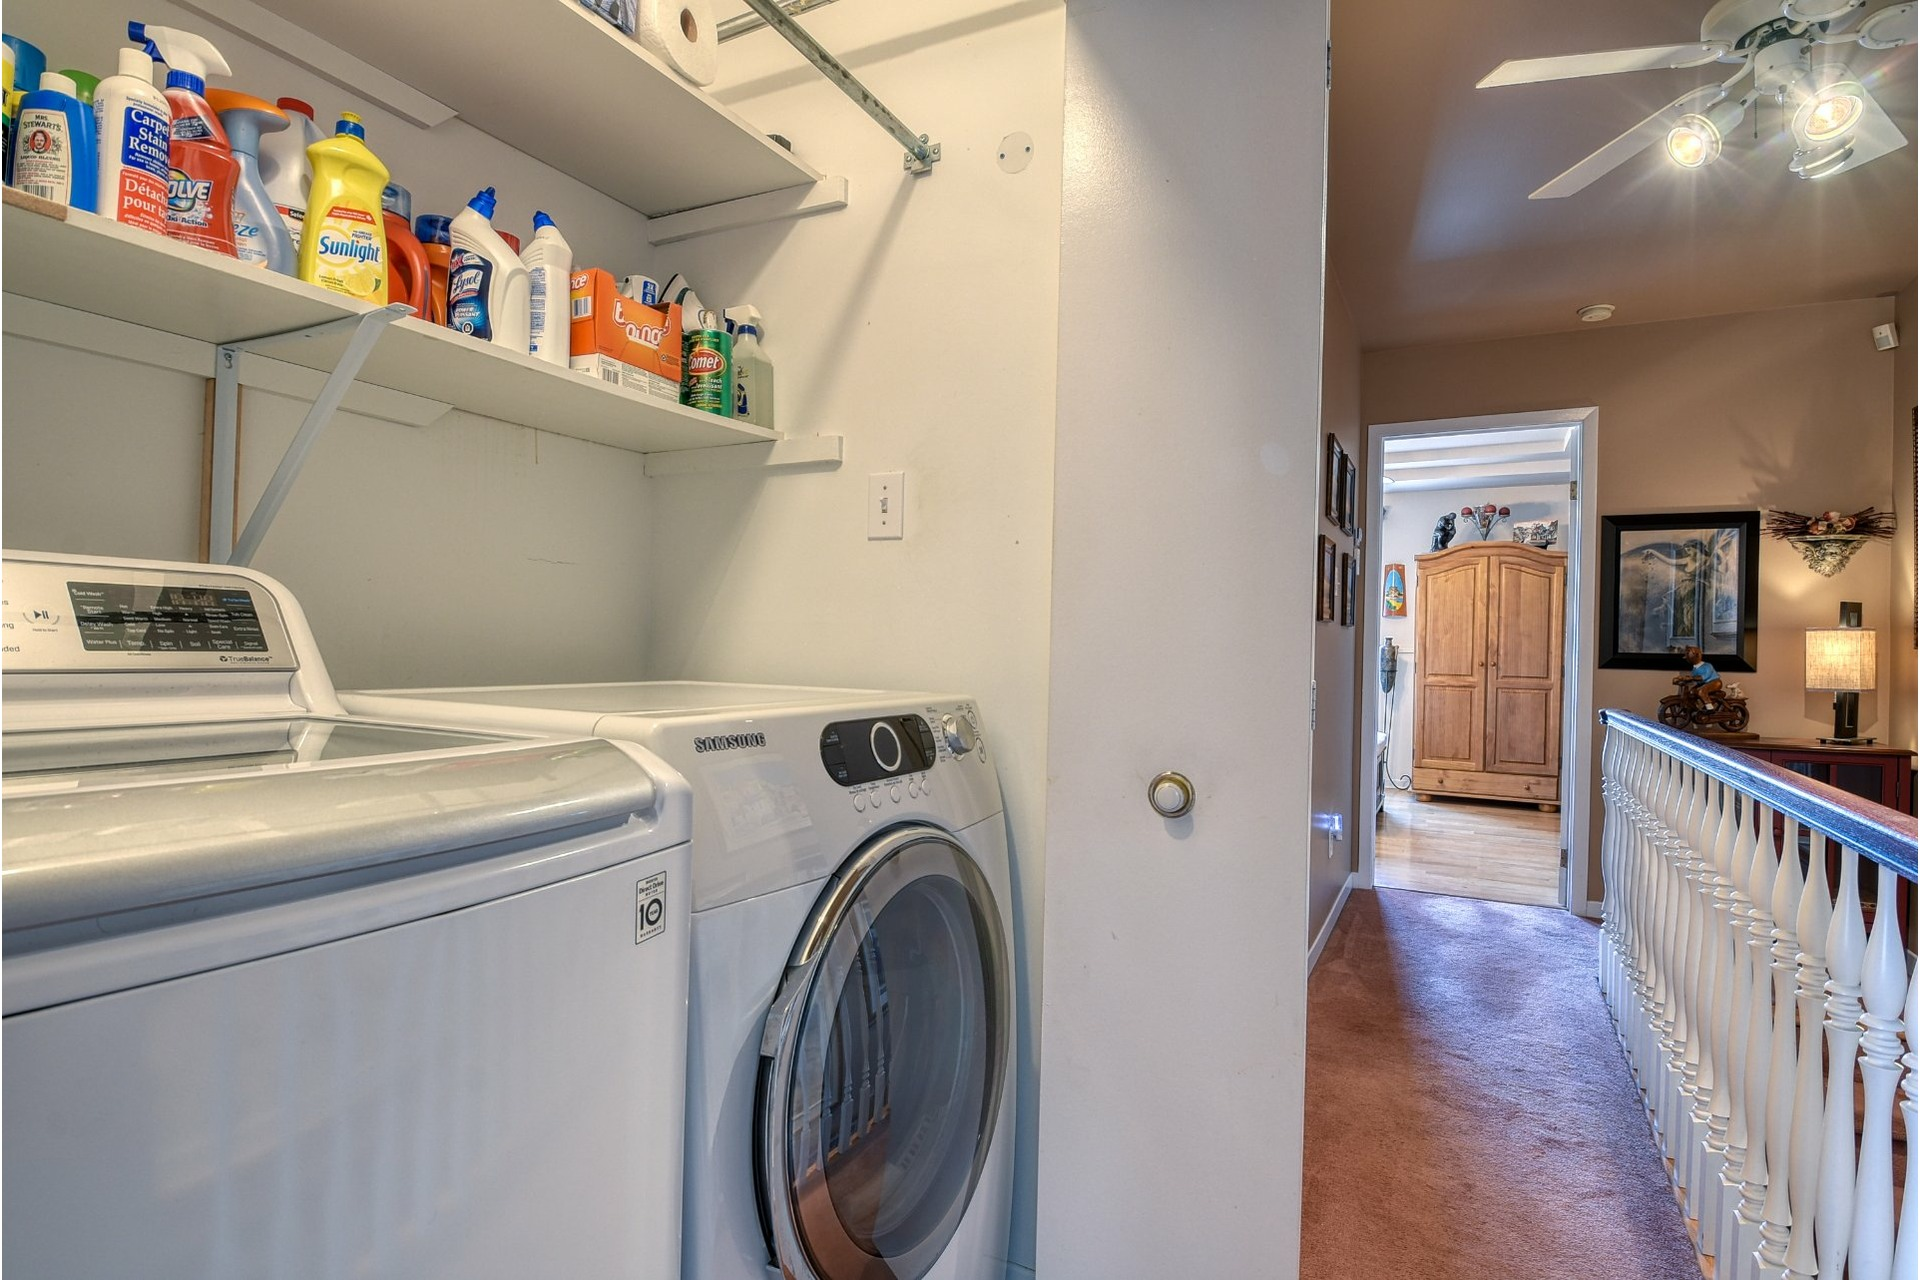 image 19 - House For sale Rivière-des-Prairies/Pointe-aux-Trembles Montréal  - 9 rooms